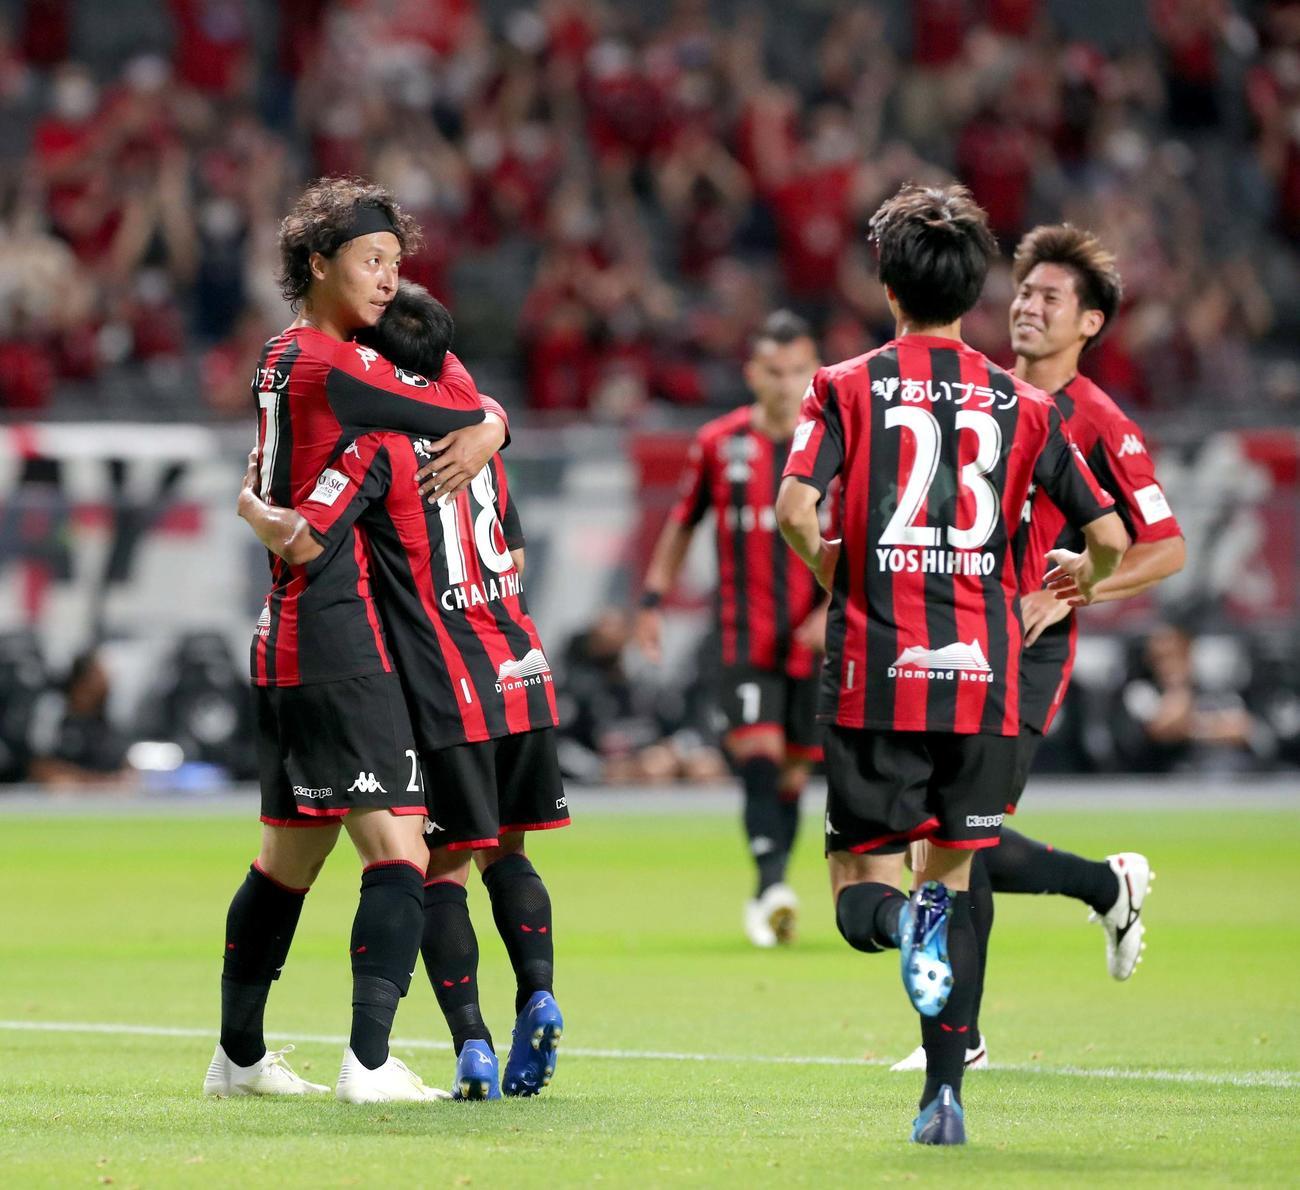 札幌対横浜 前半18分、ゴールを決め喜び合う札幌MF荒野(左)とMFチャナティップ(撮影・佐藤翔太)